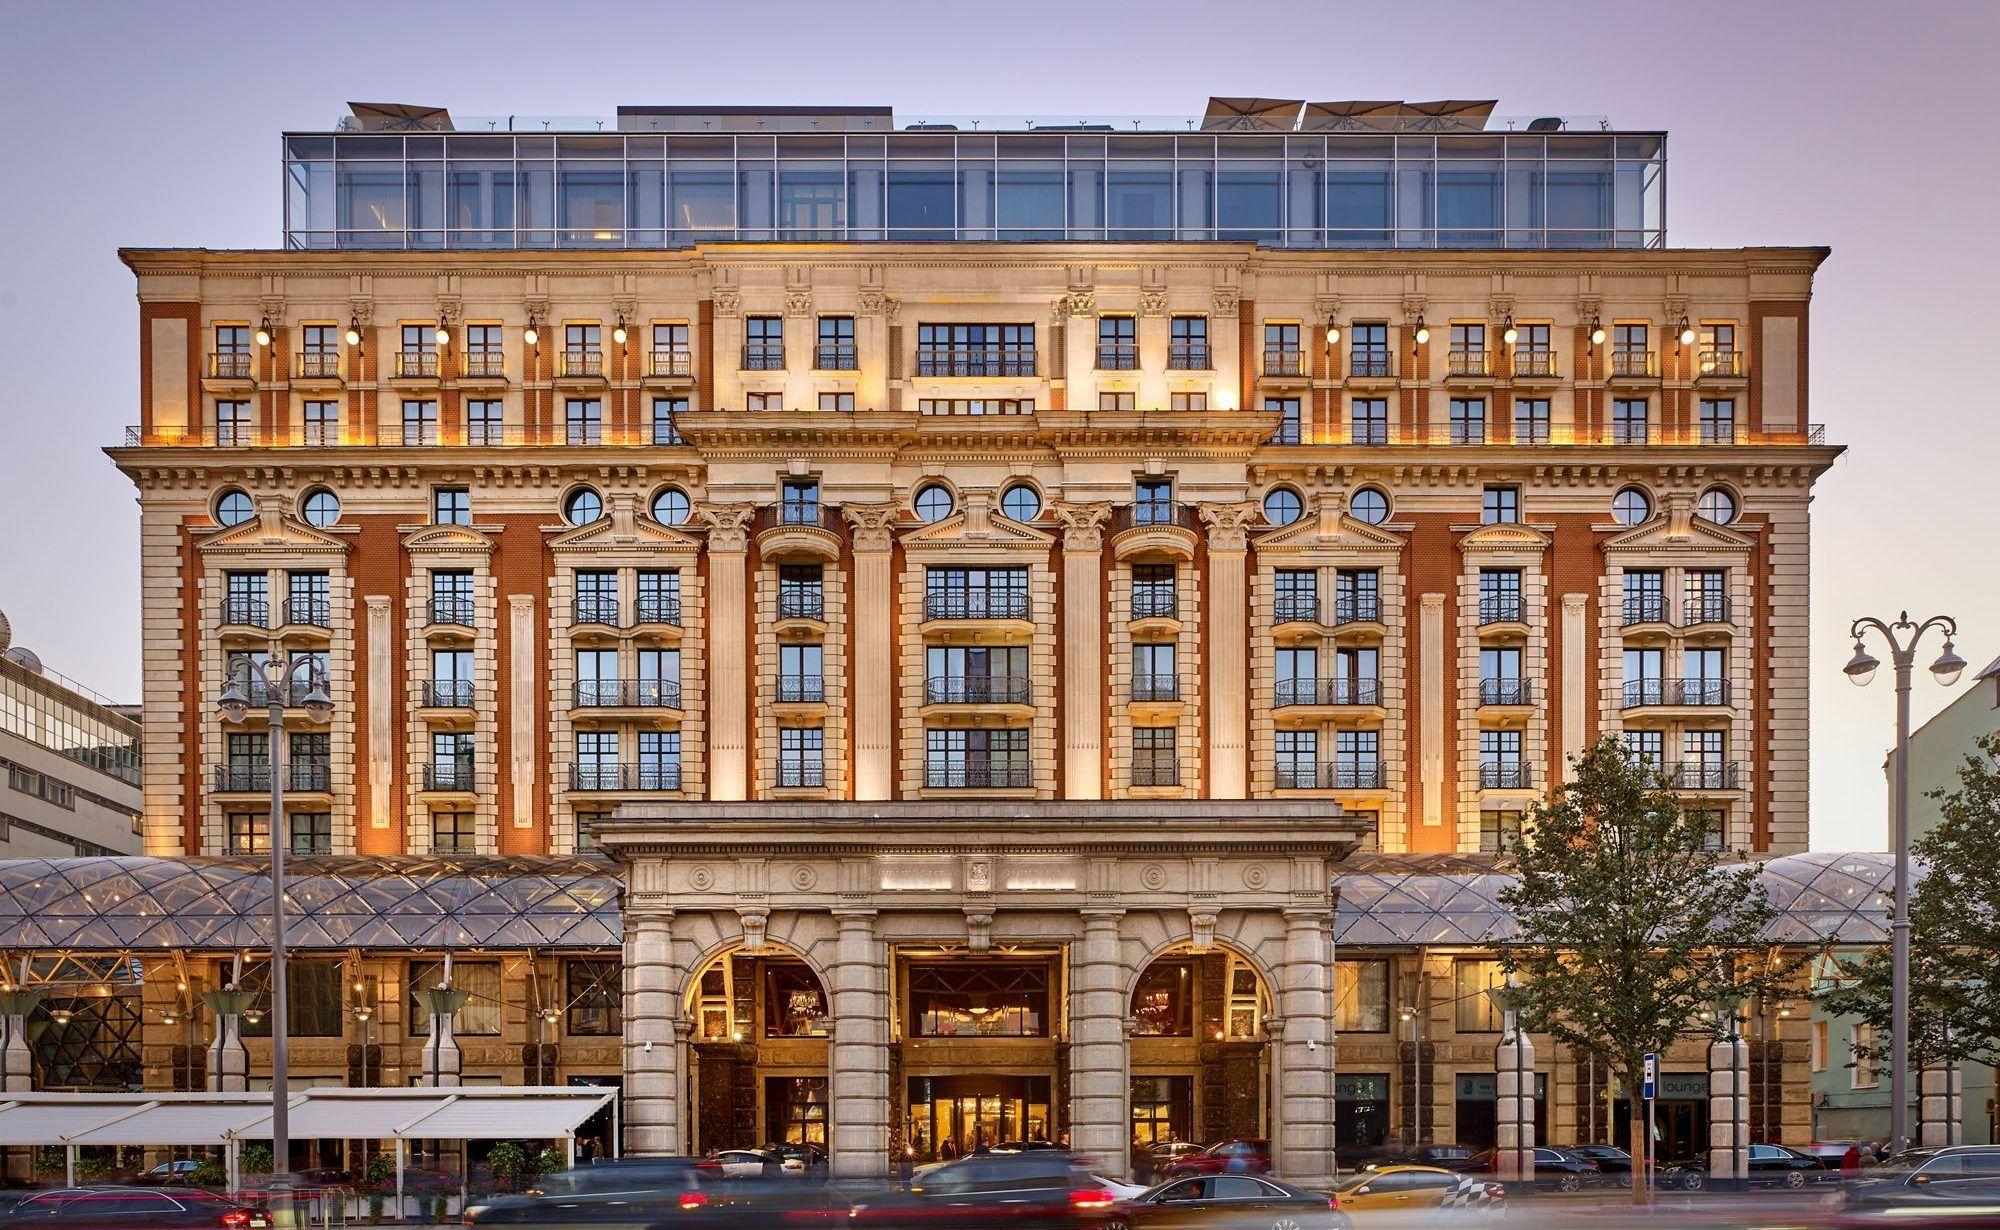 Mejores hoteles de Moscú, Un paseo por los mejores hoteles de Moscú: ¡Descúbrelos!